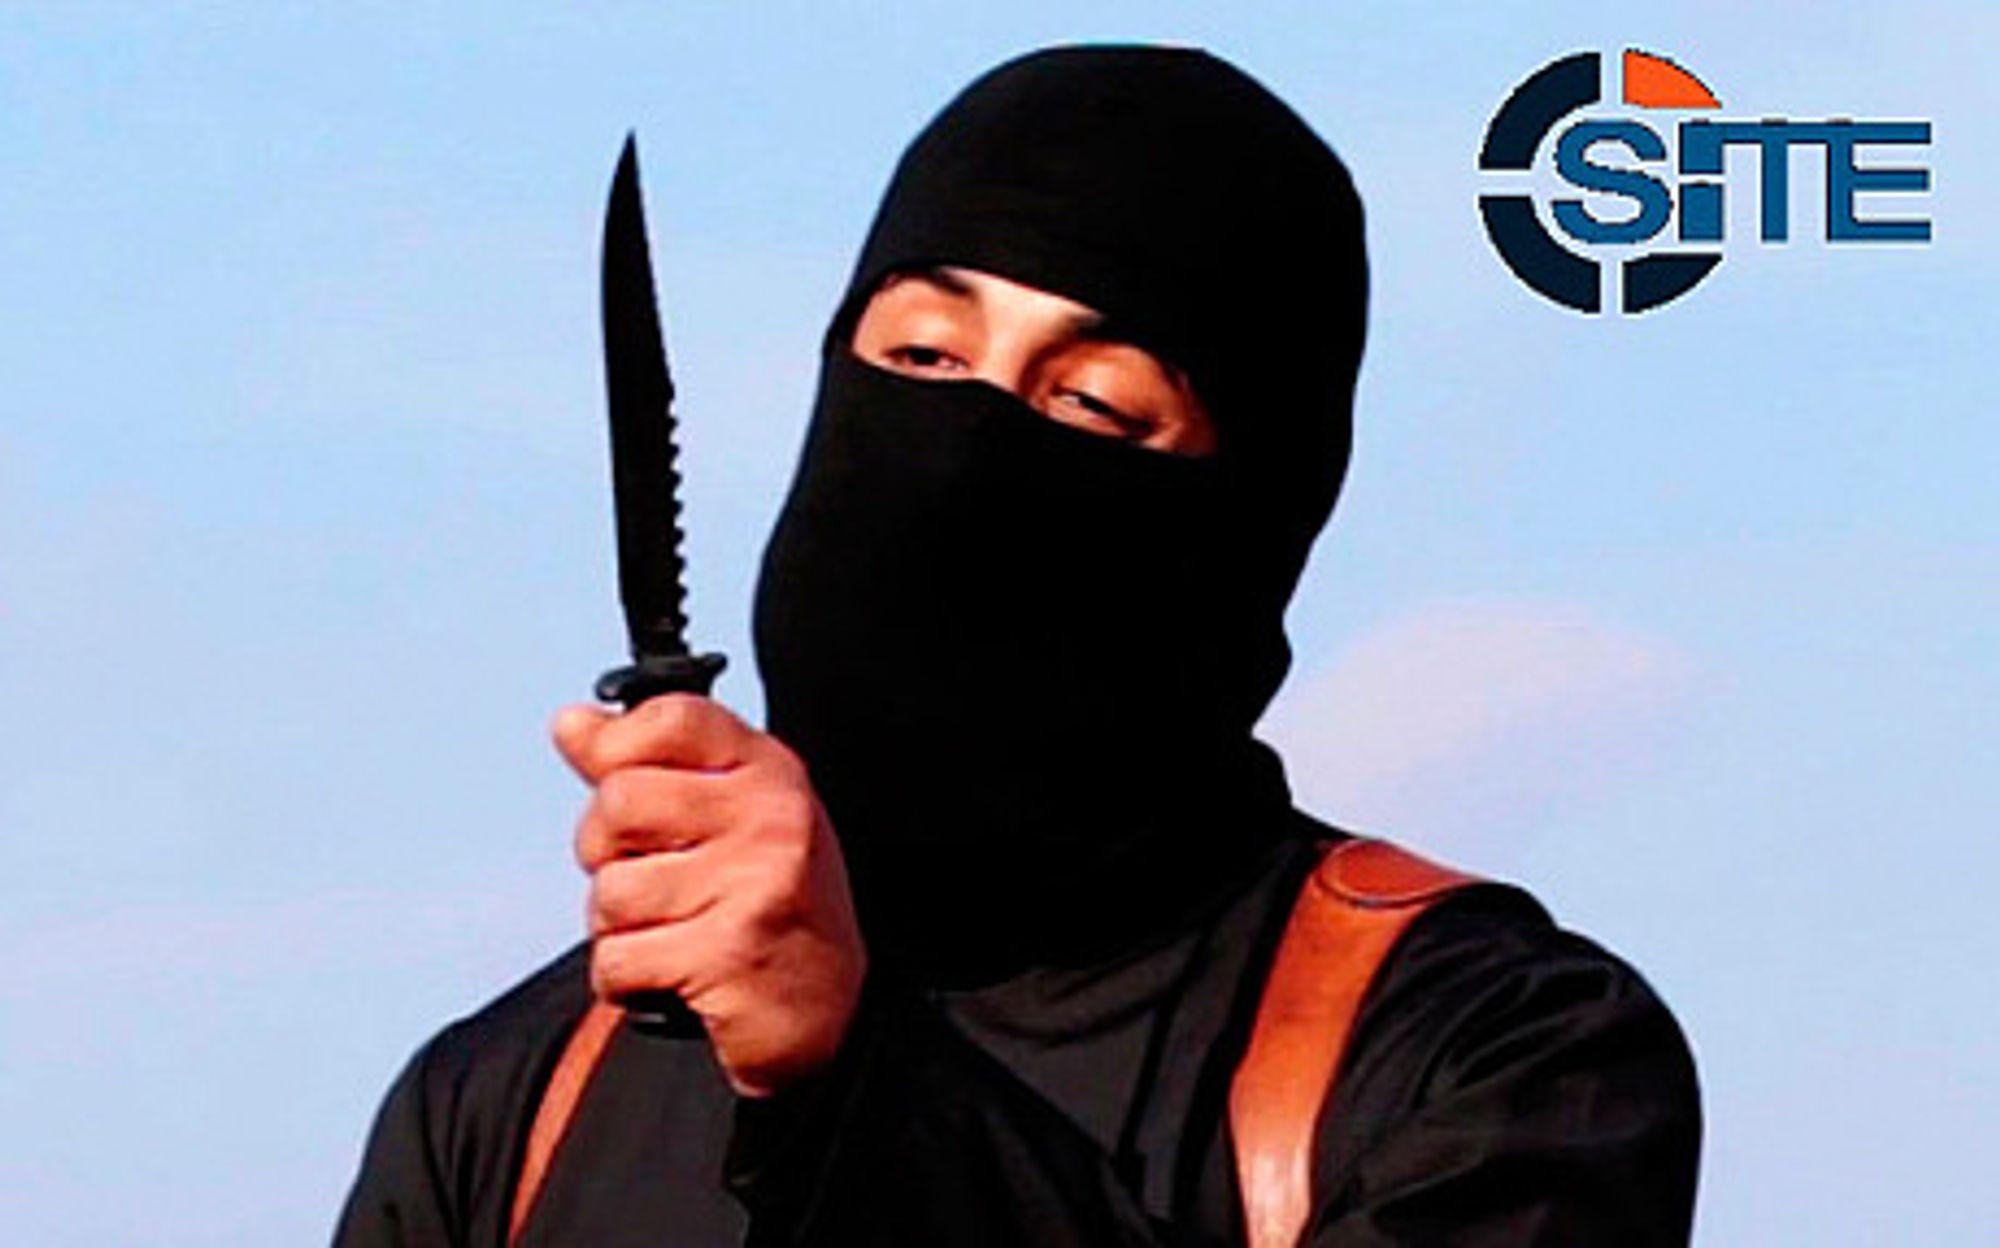 IS-medlemmet Mohammed Emwazi , kjent som «Jihadi John», tok en grad i dataprogrammering fra Universitetet i Westminister. Han skal nylig ha blitt drept i et amerikansk droneangrep i Syria.